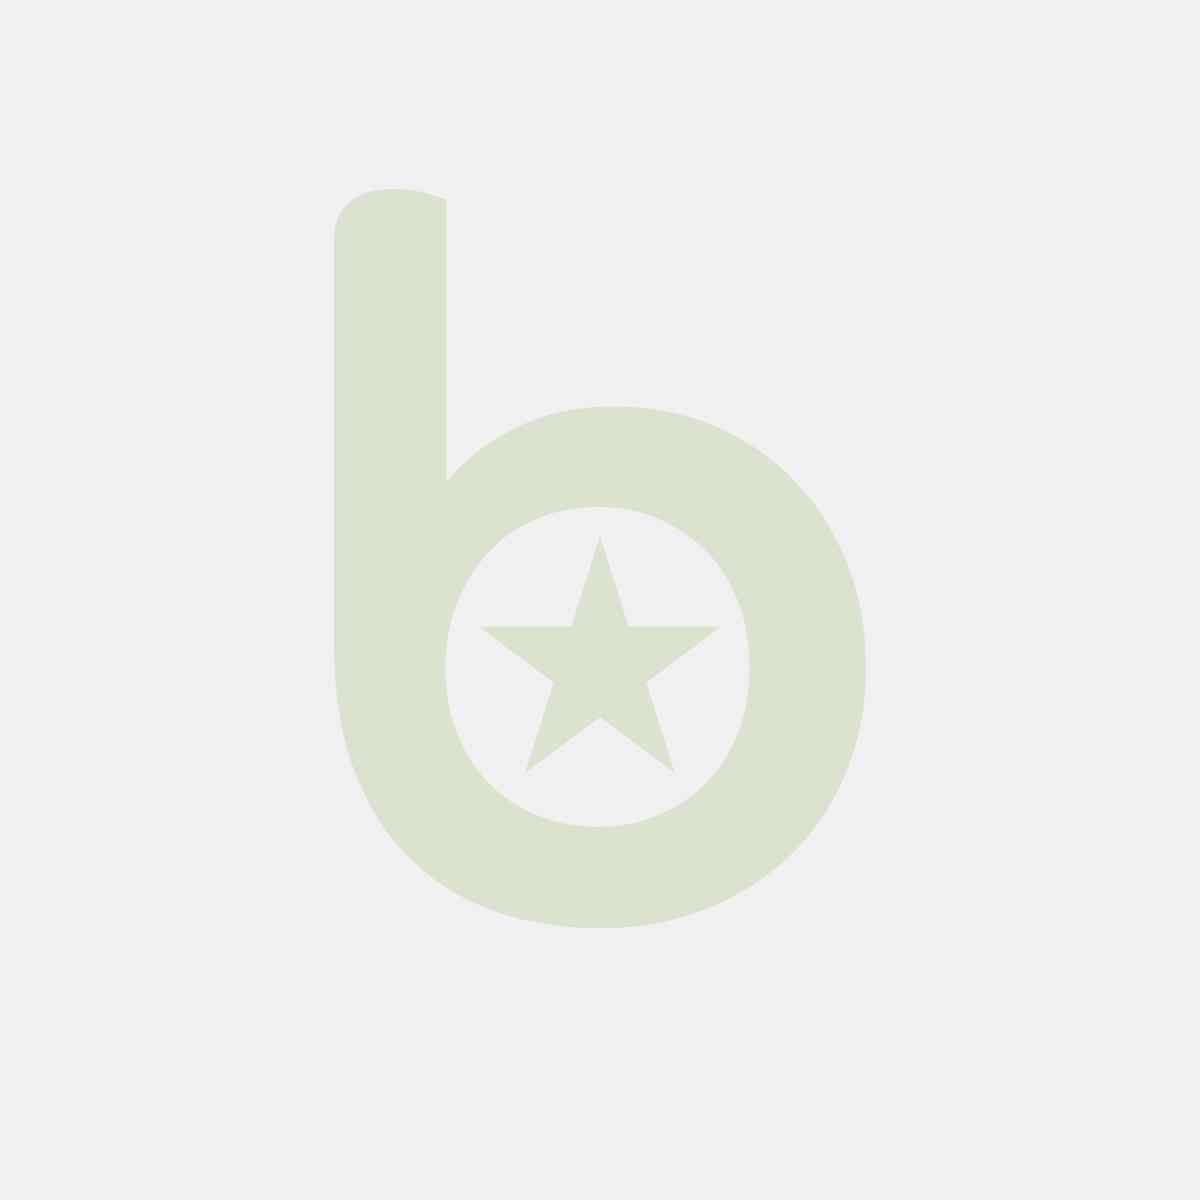 Miska do paelli emaliowana śr. 170 - kod 622827